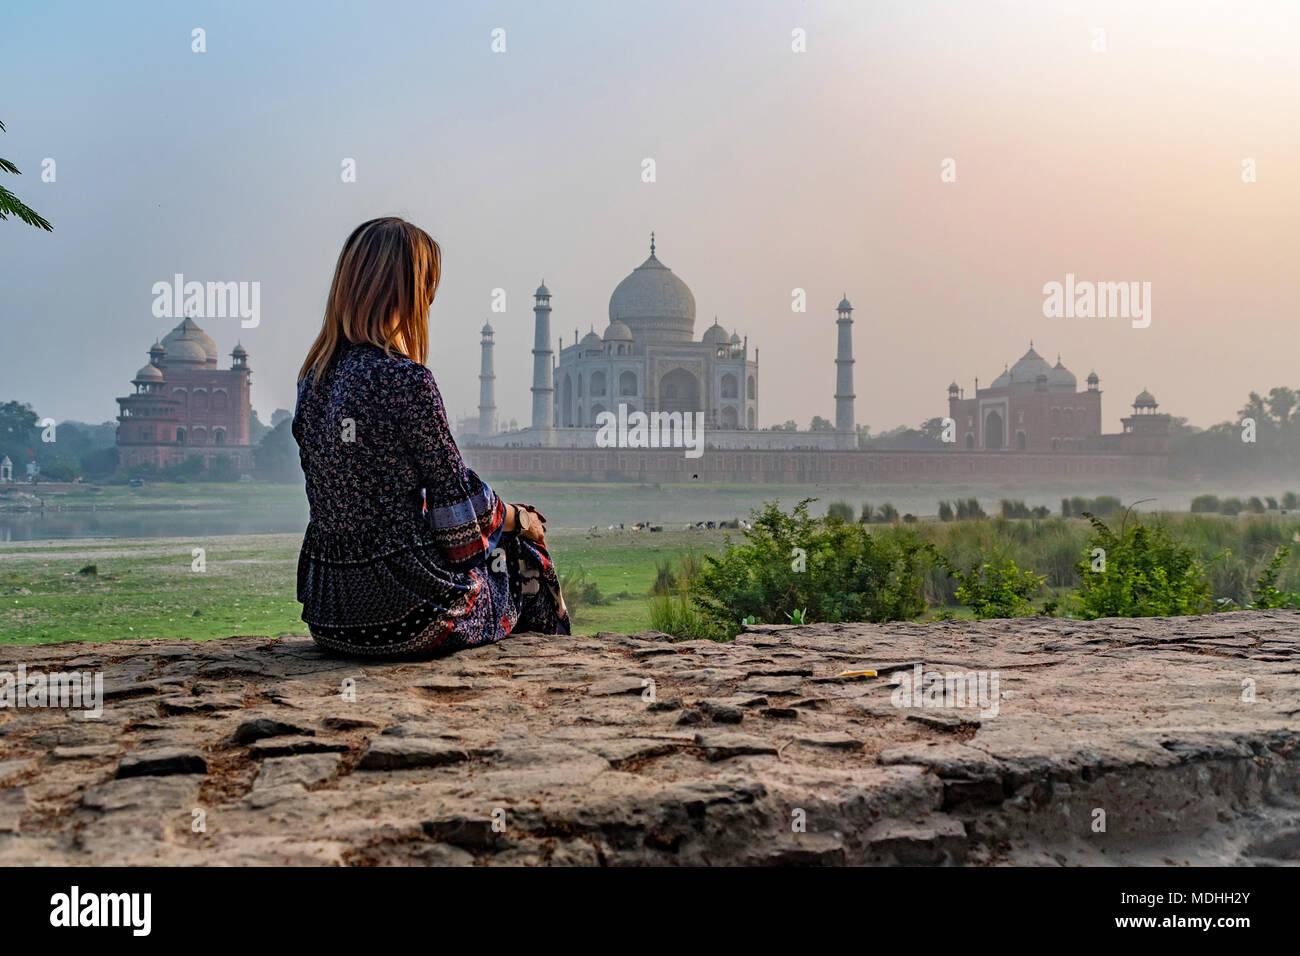 Belle fille ressemble au Taj Mahal. Concept de voyage Photo Stock